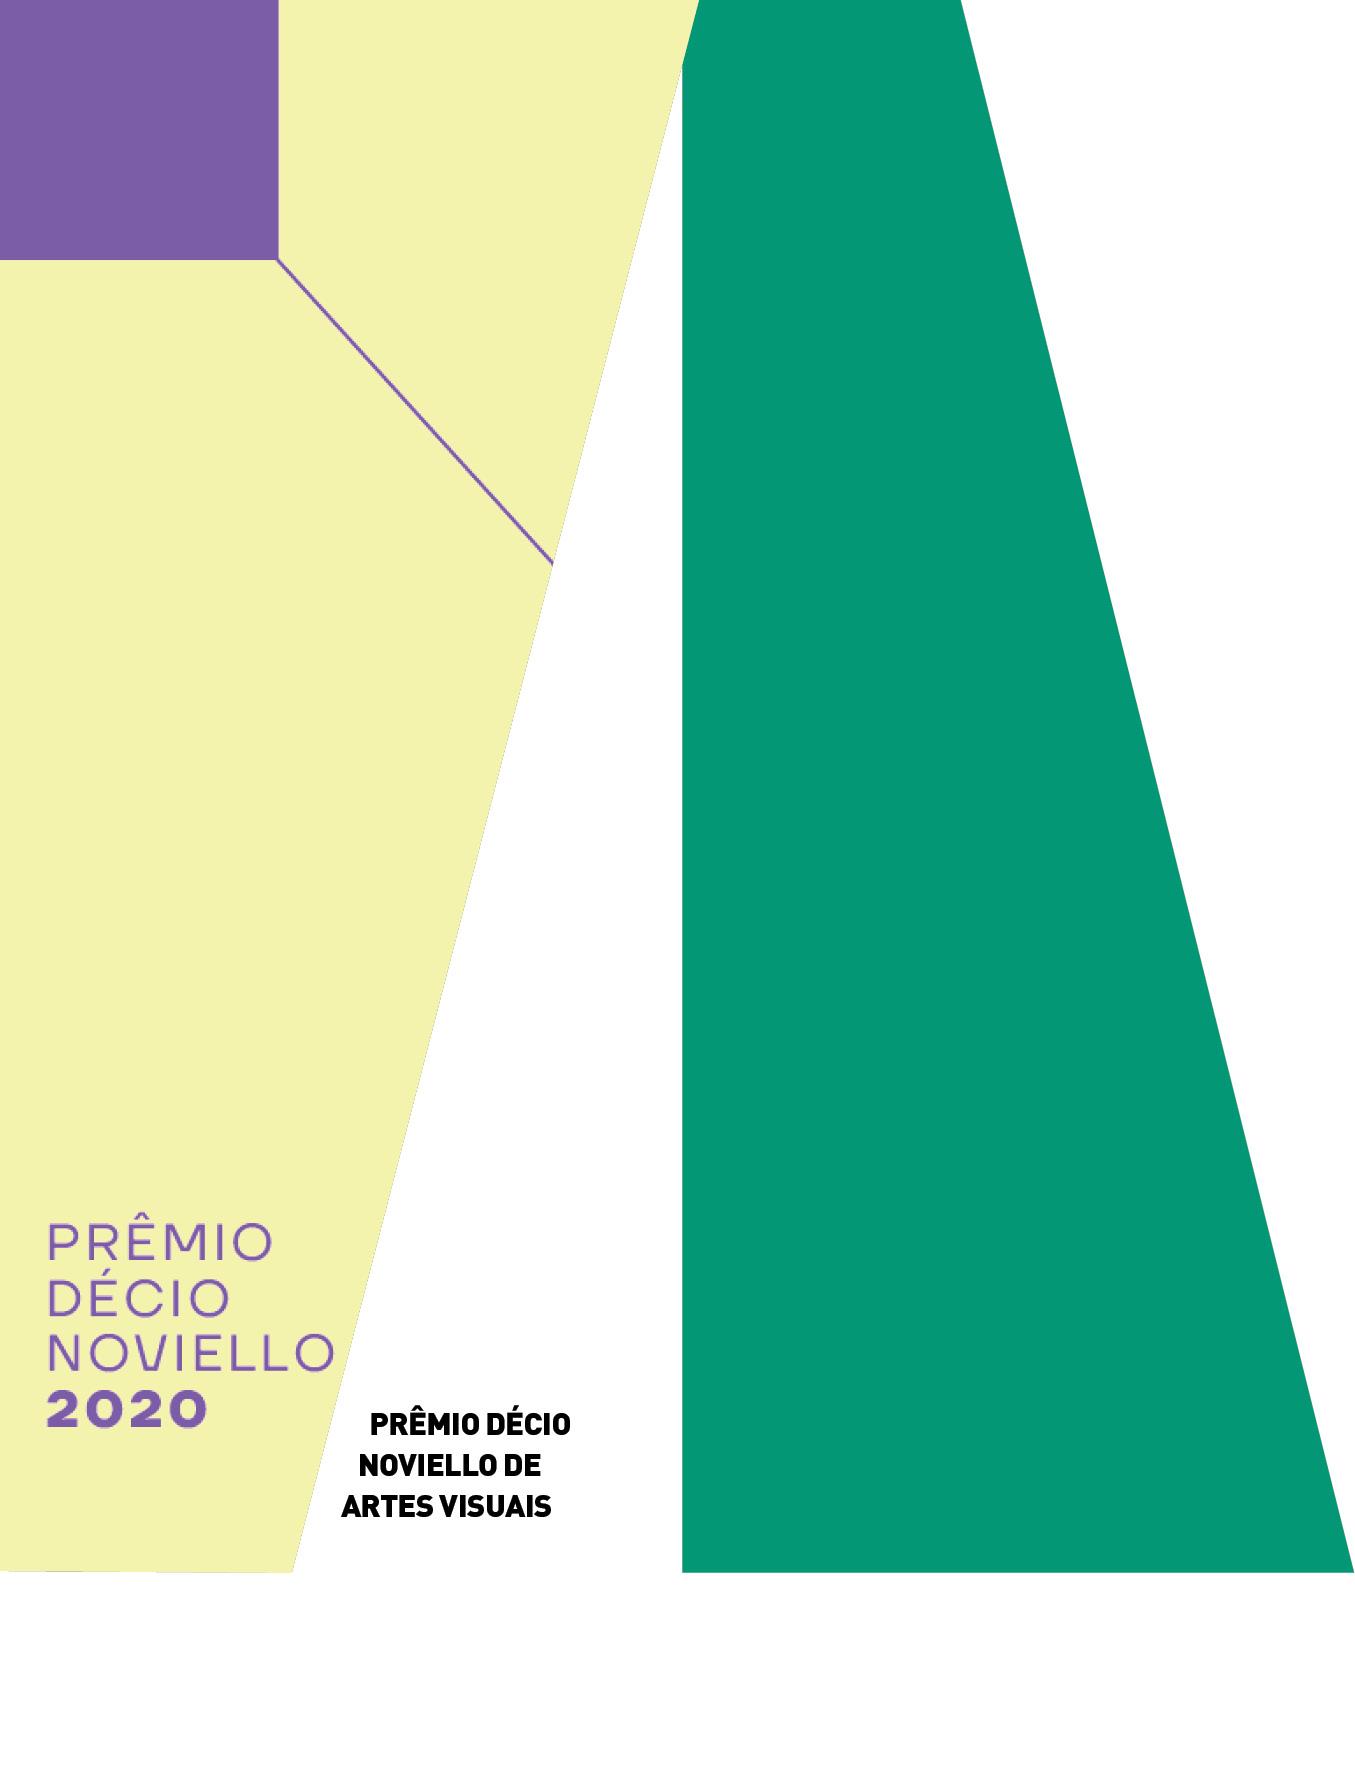 Evento: Prêmio Décio Noviello de Artes Visuais